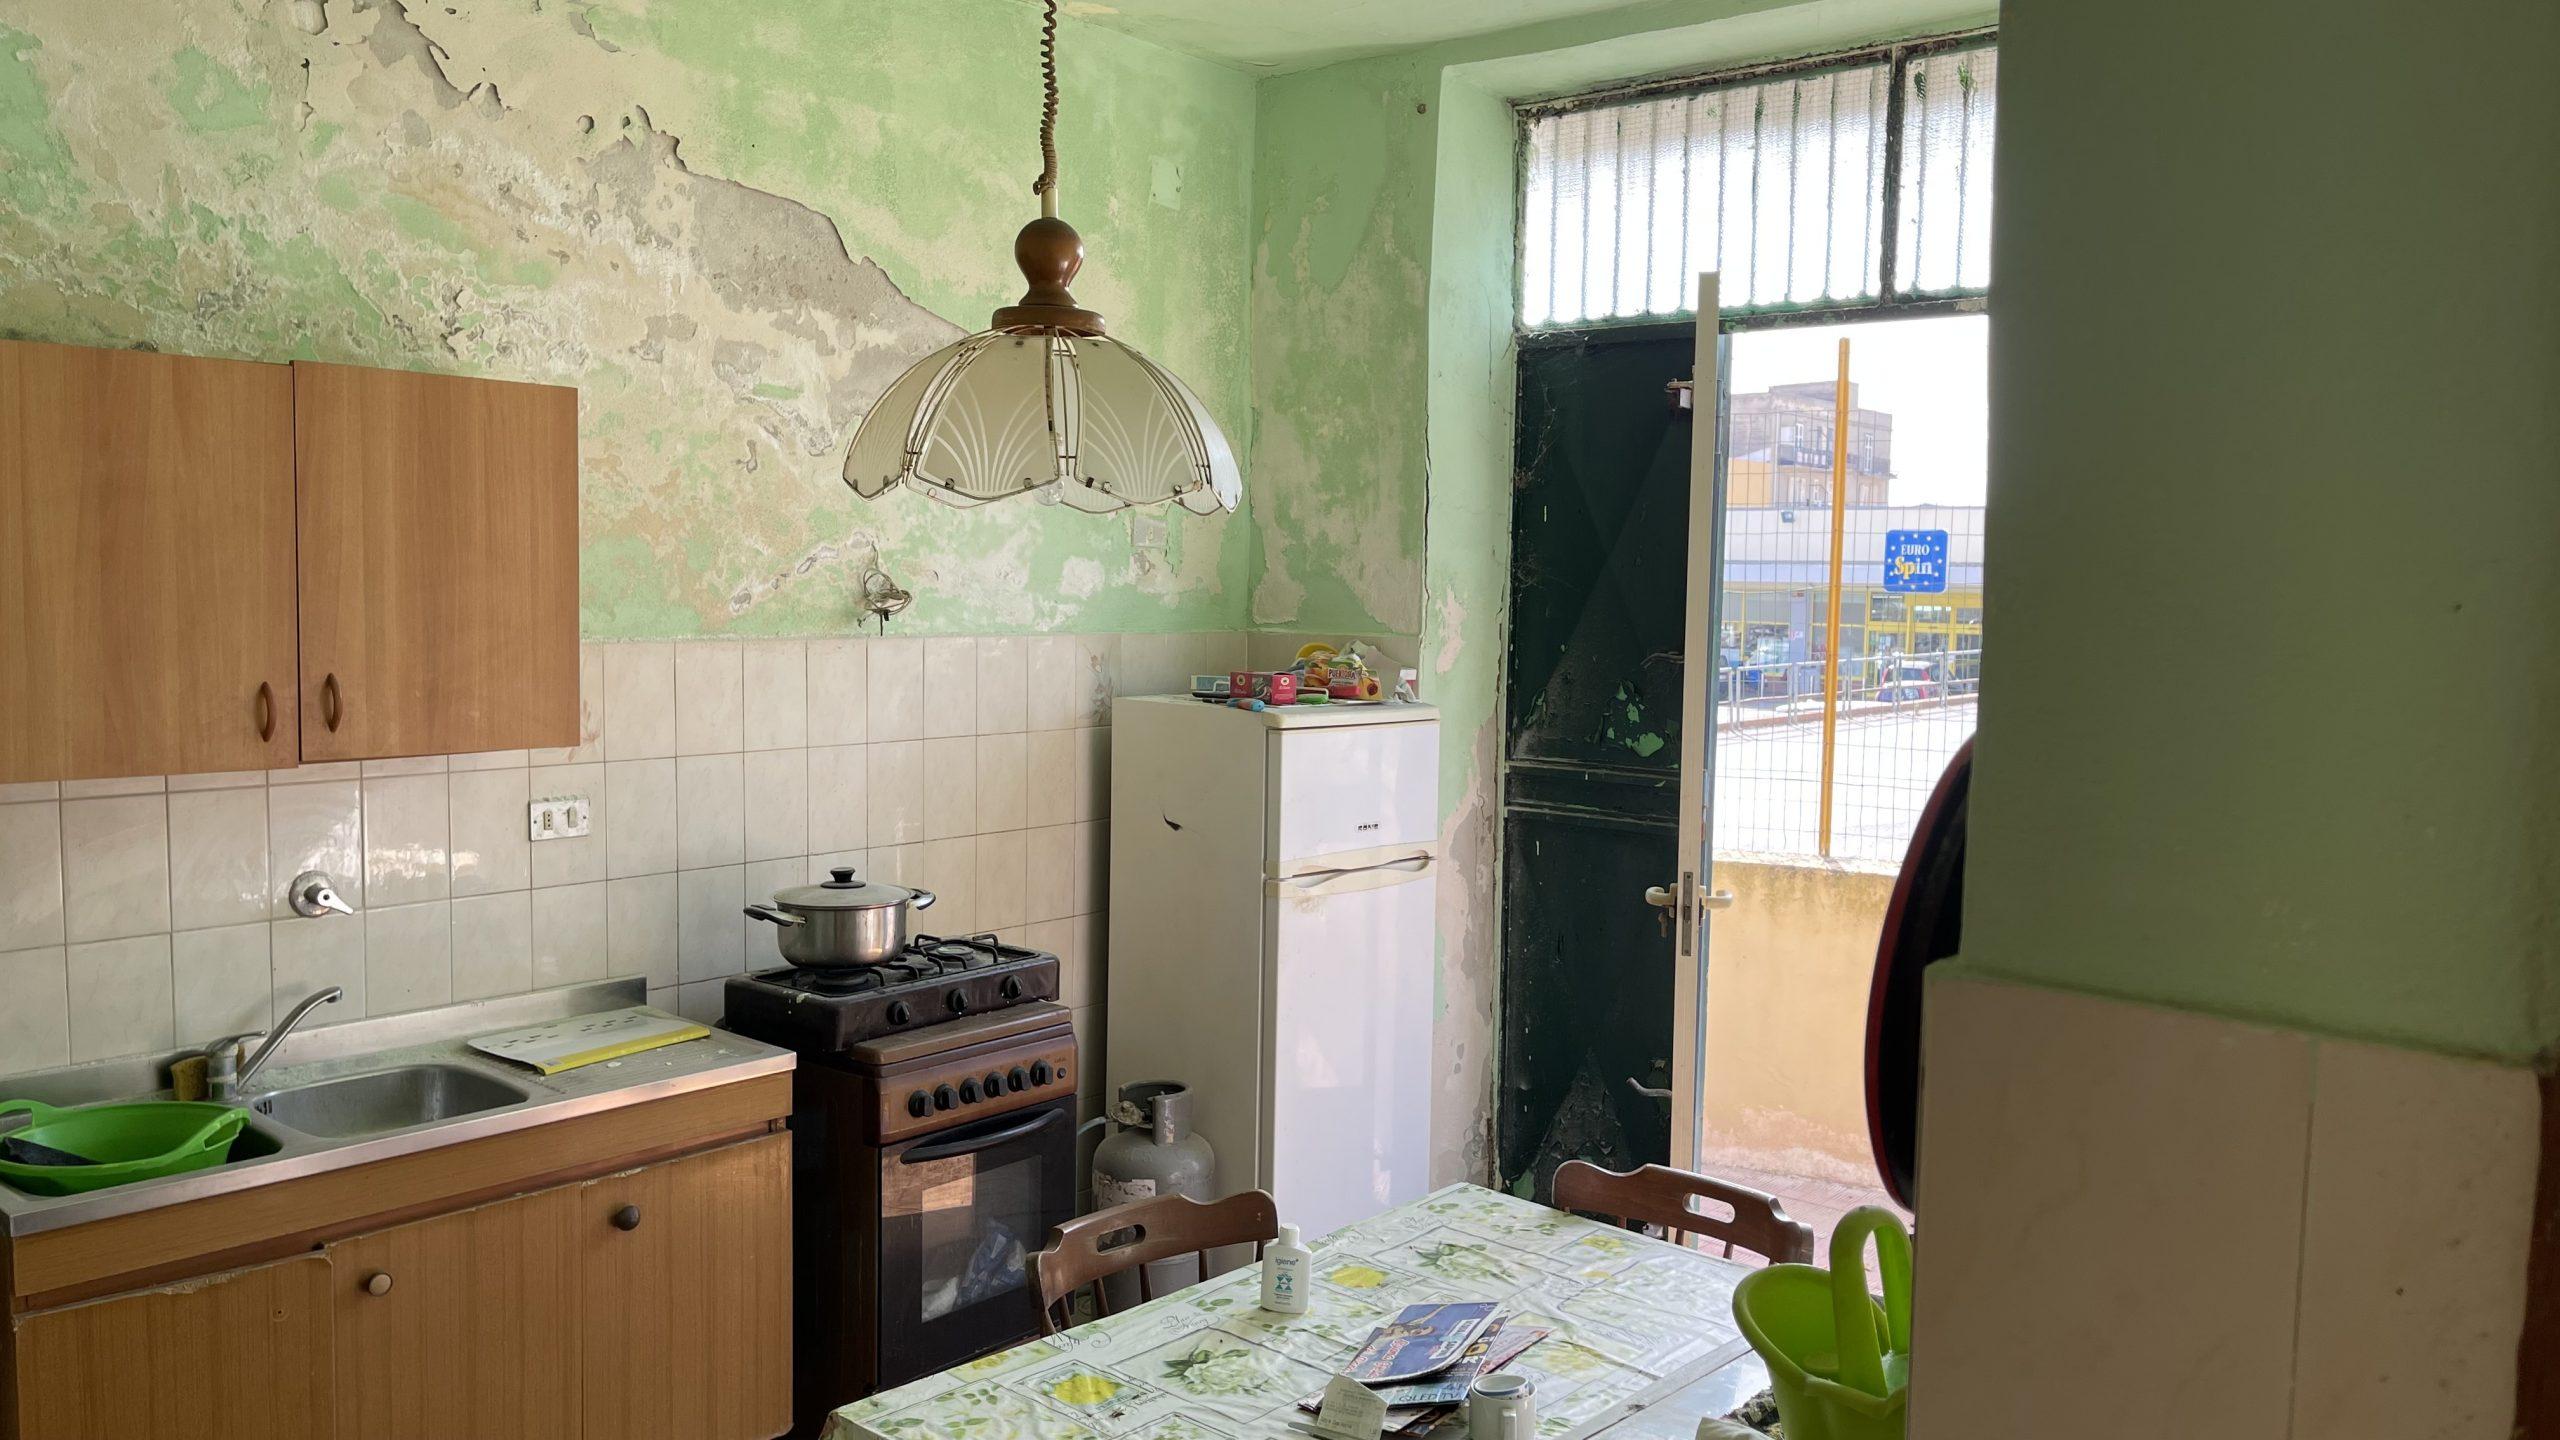 Casa indipendente con giardino VILLAGGIO AGRICOLO villetta al Villaggio Agricolo da ristrutturare